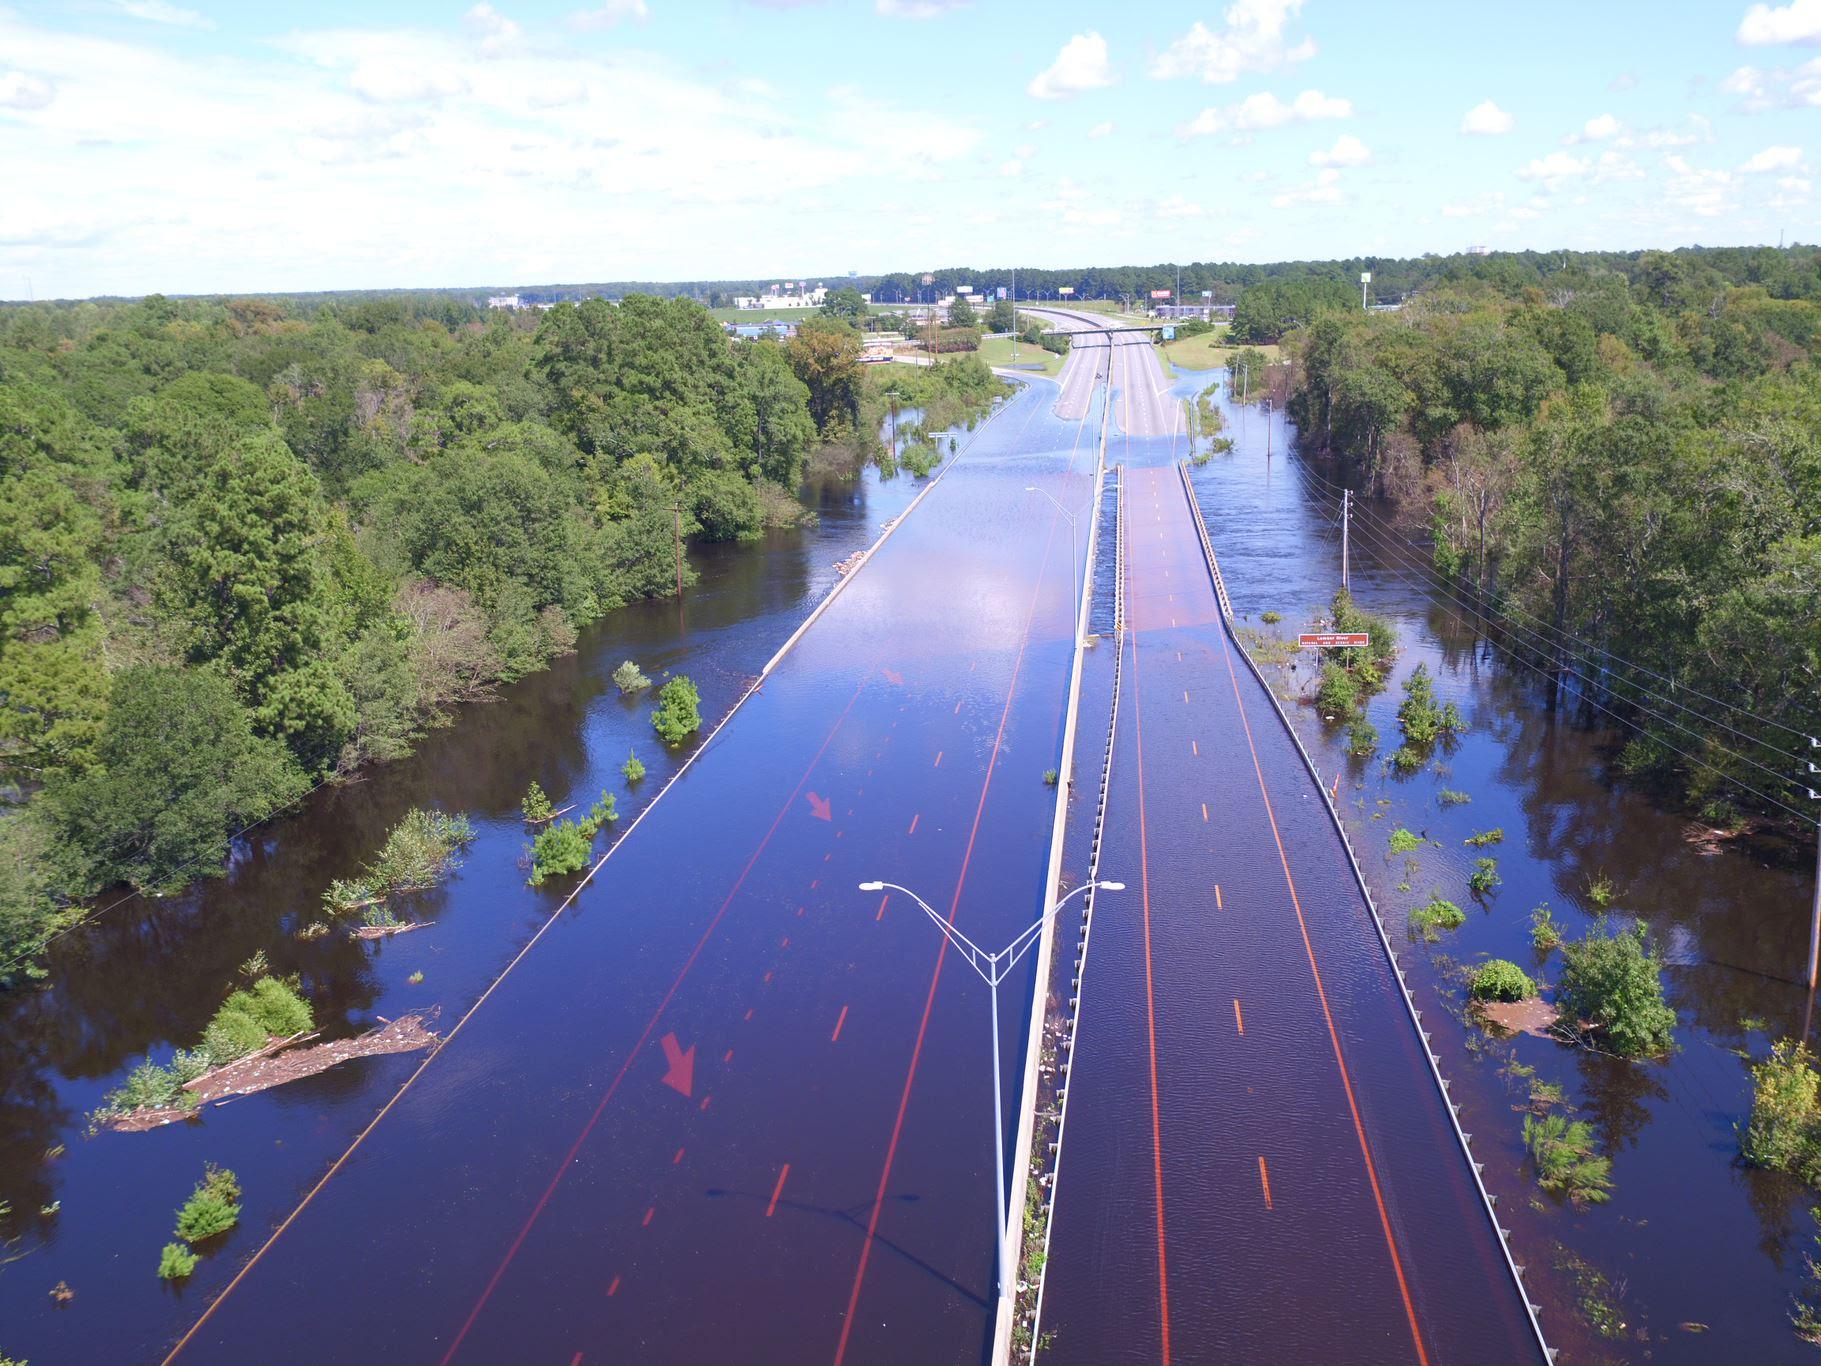 I 95 Detour bypasses flooded town